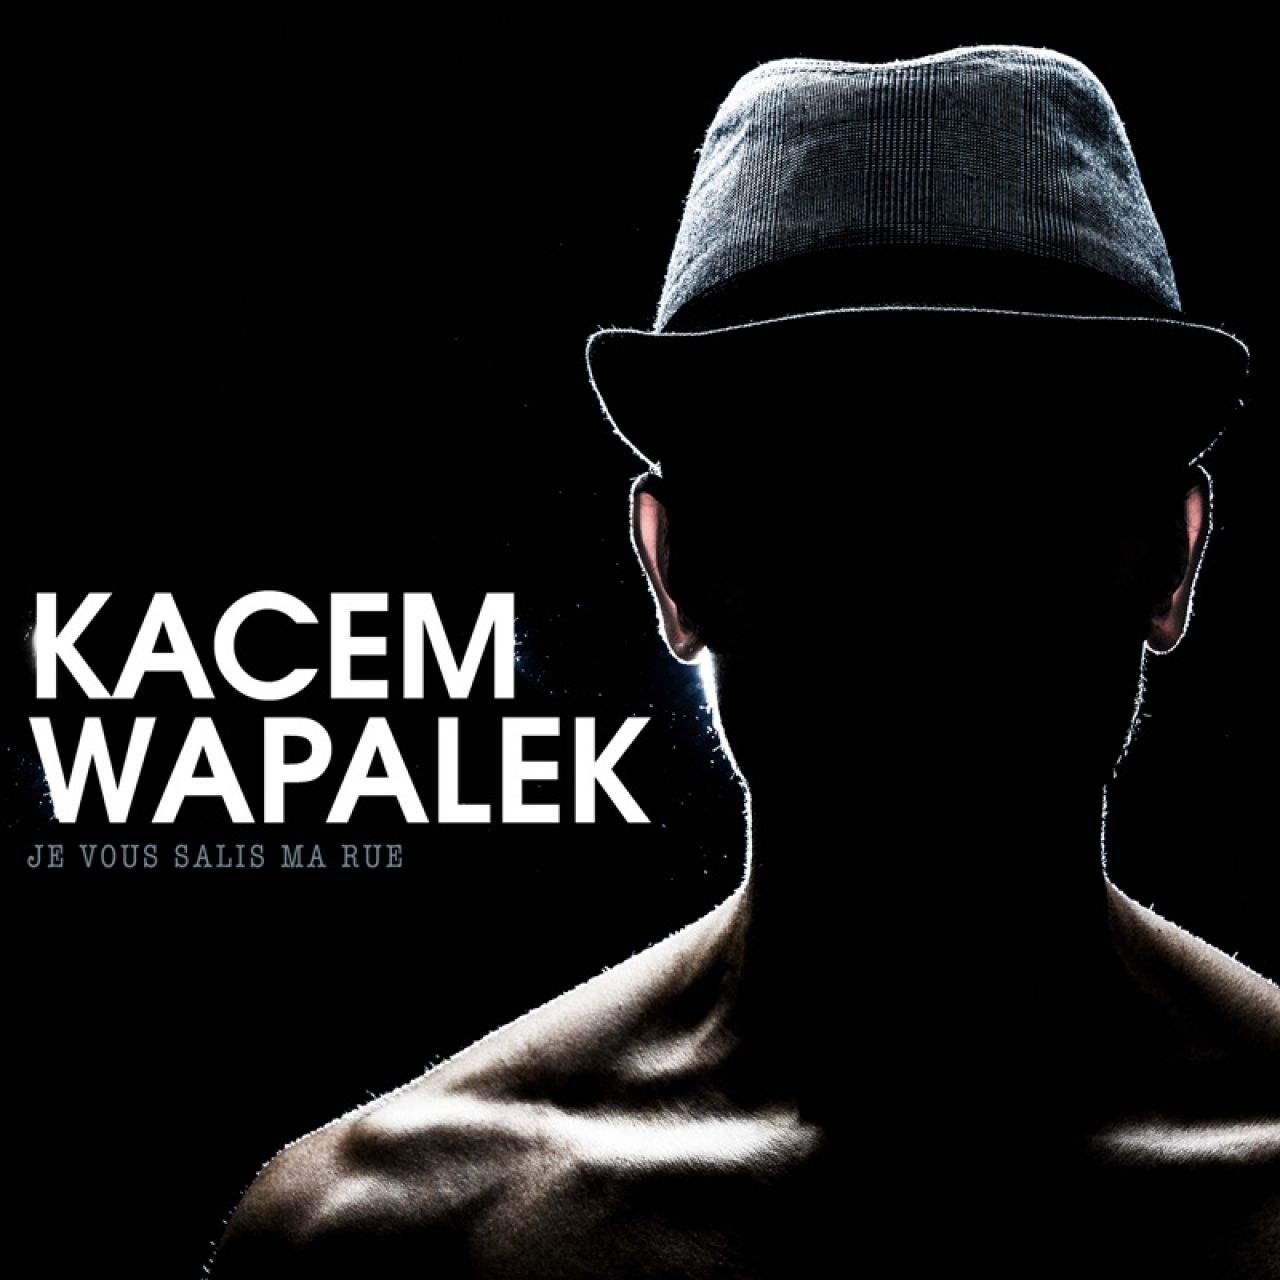 kacem wapalek je vous salis ma rue chronique